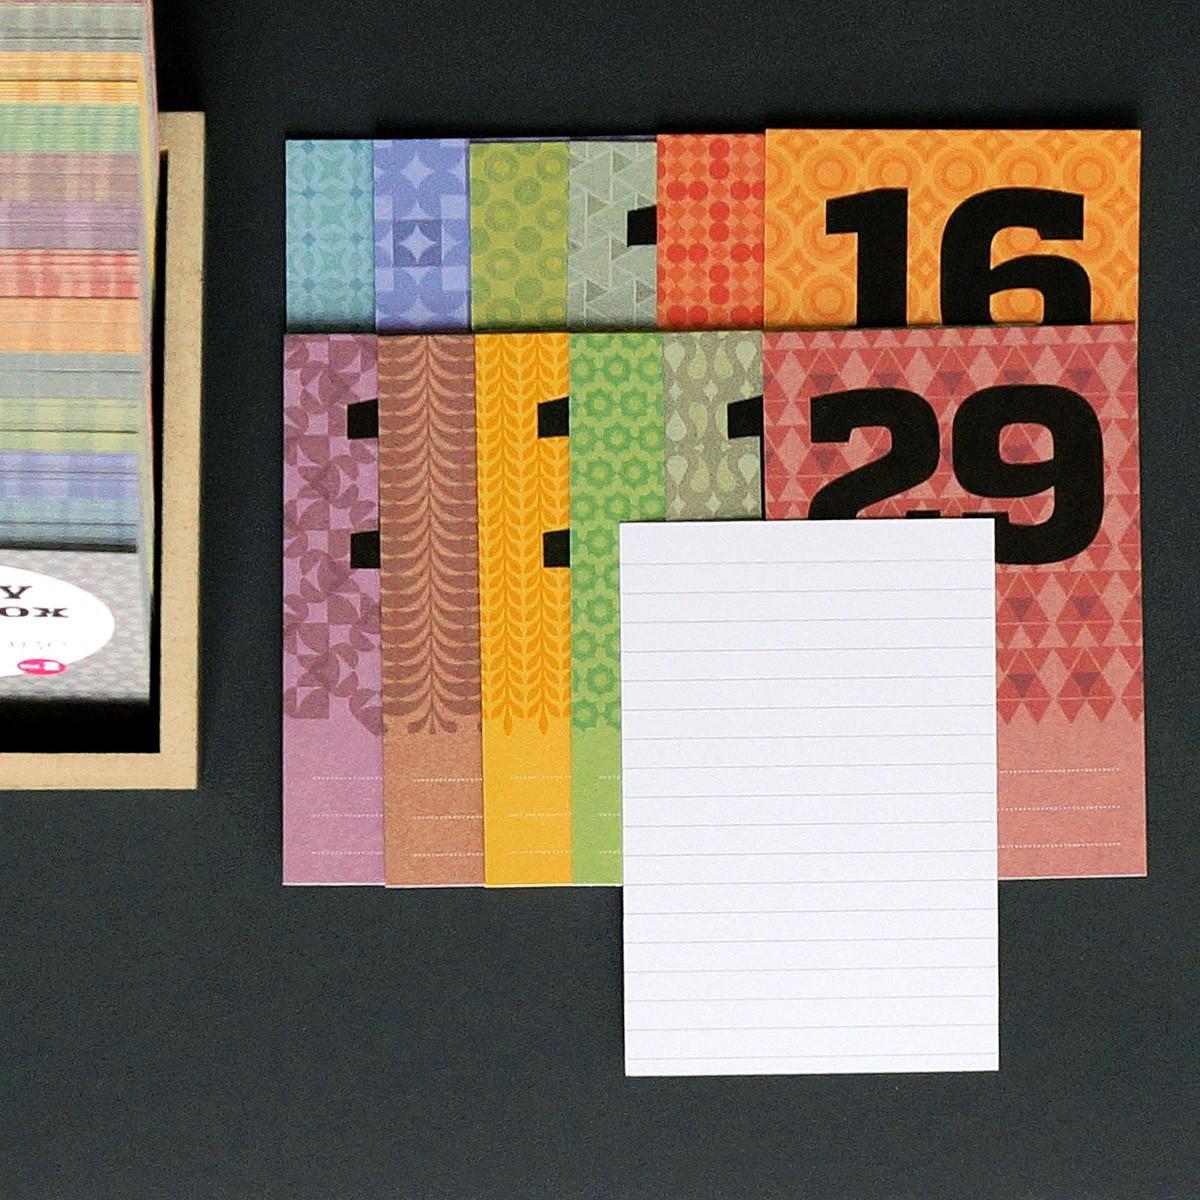 Happydaysbox, petrolblau, sprachneutraler Erinnerungskalender, schönetagebox Vol. 2